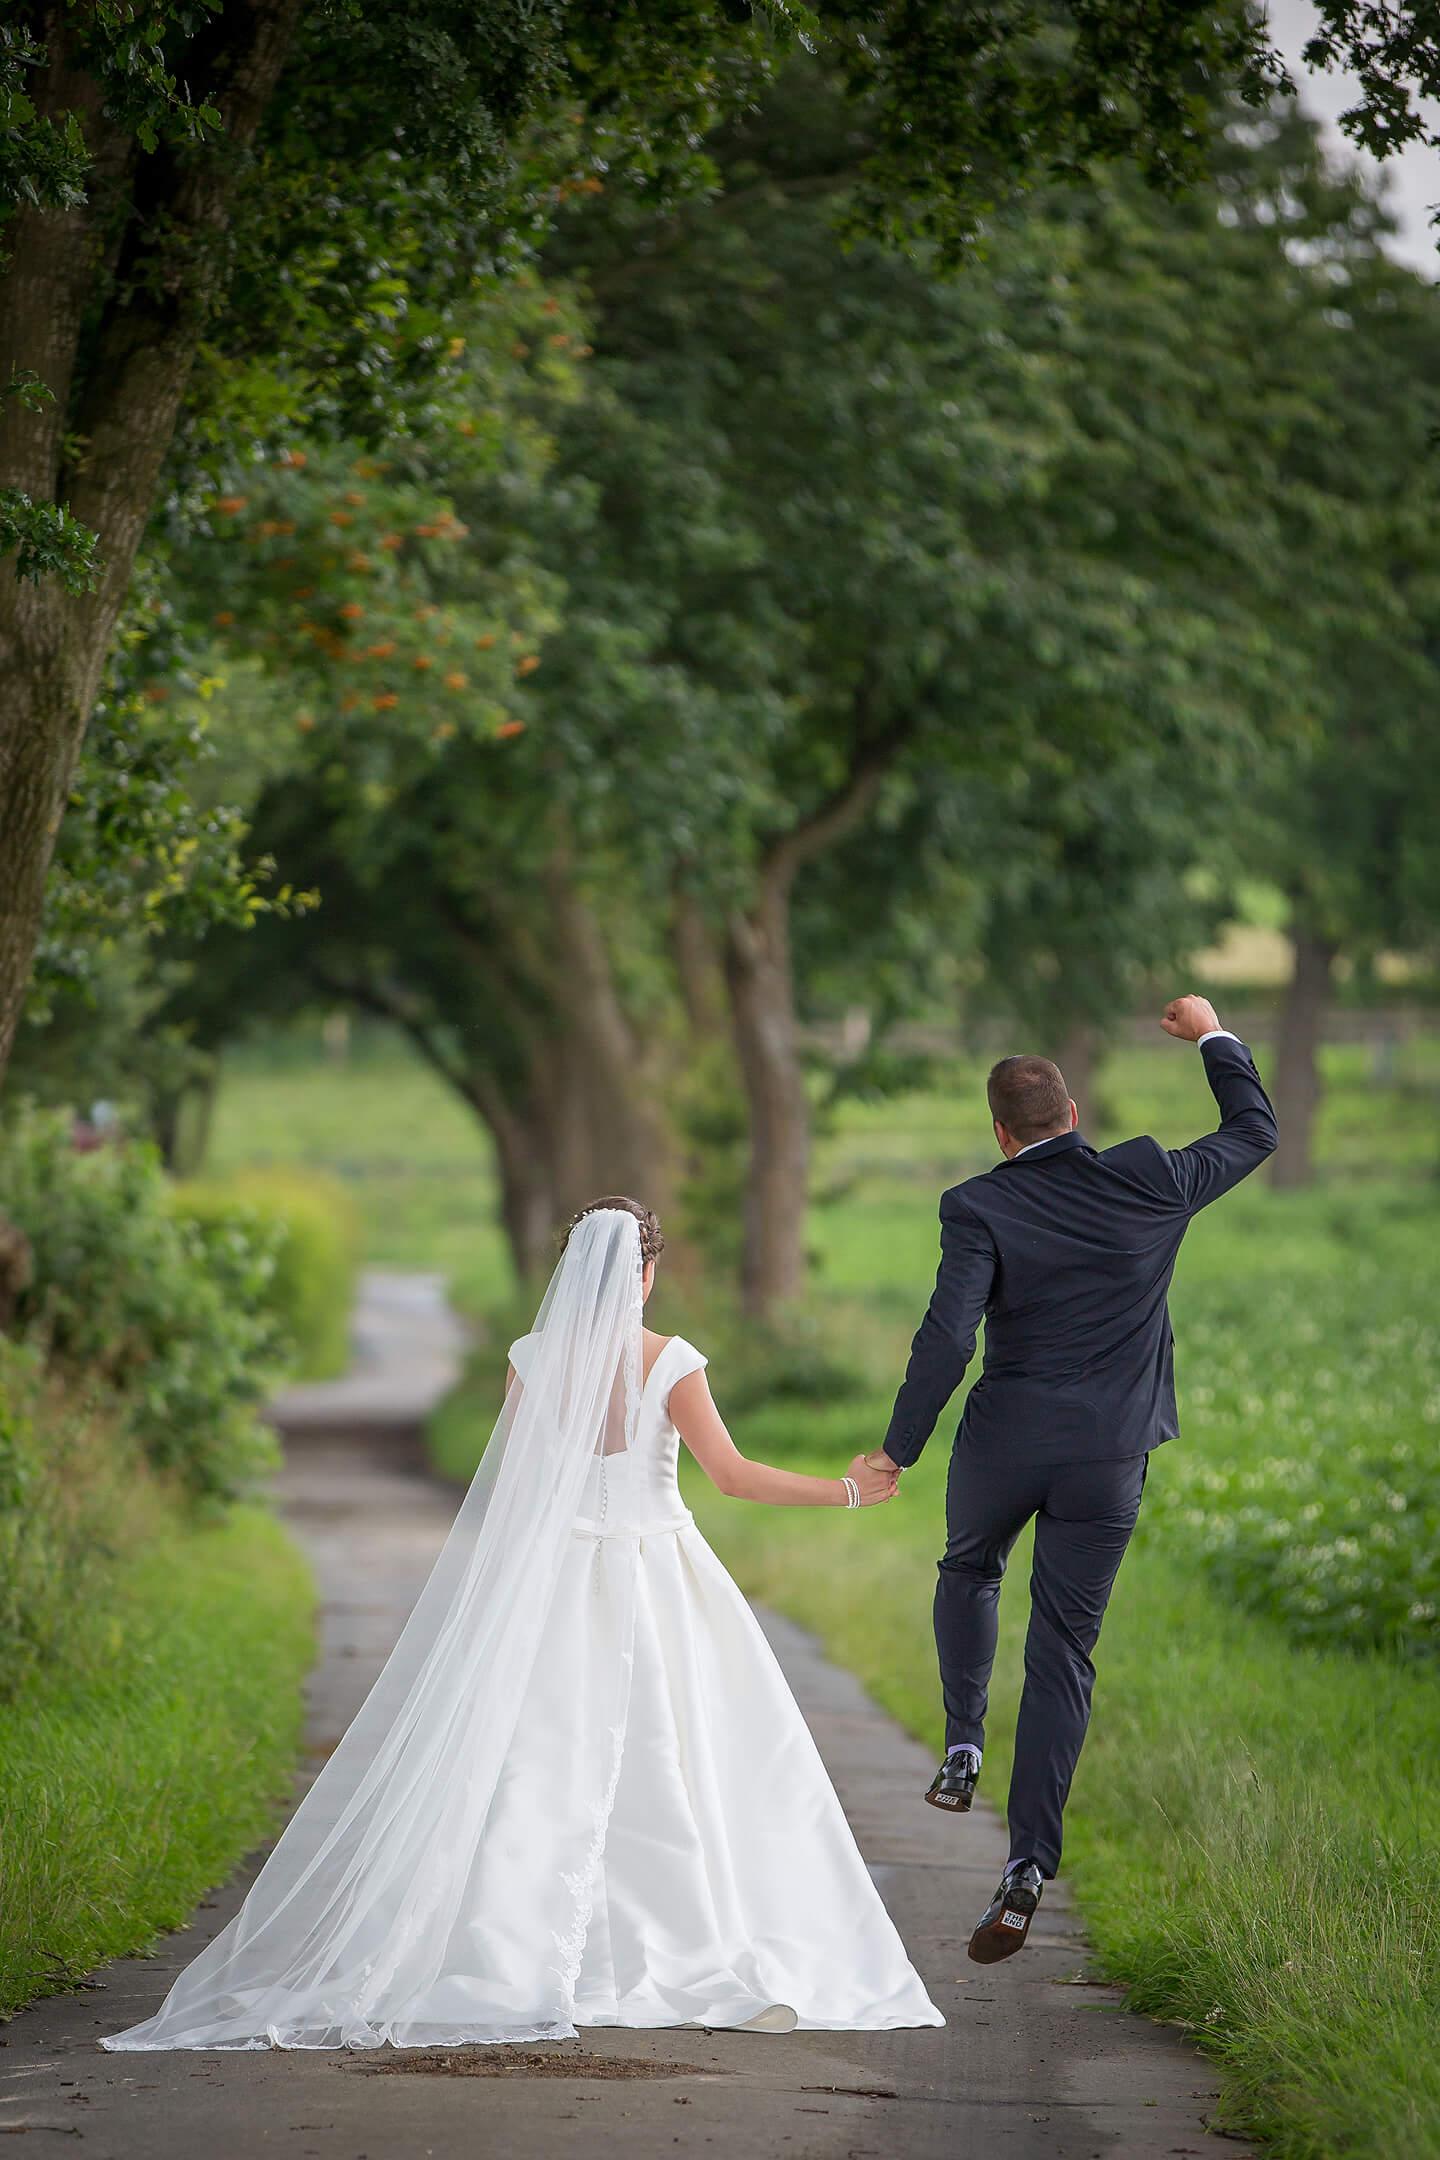 Brautpaar von hinten fotografiert und der Bräutigam springt vor Freude in die Luft